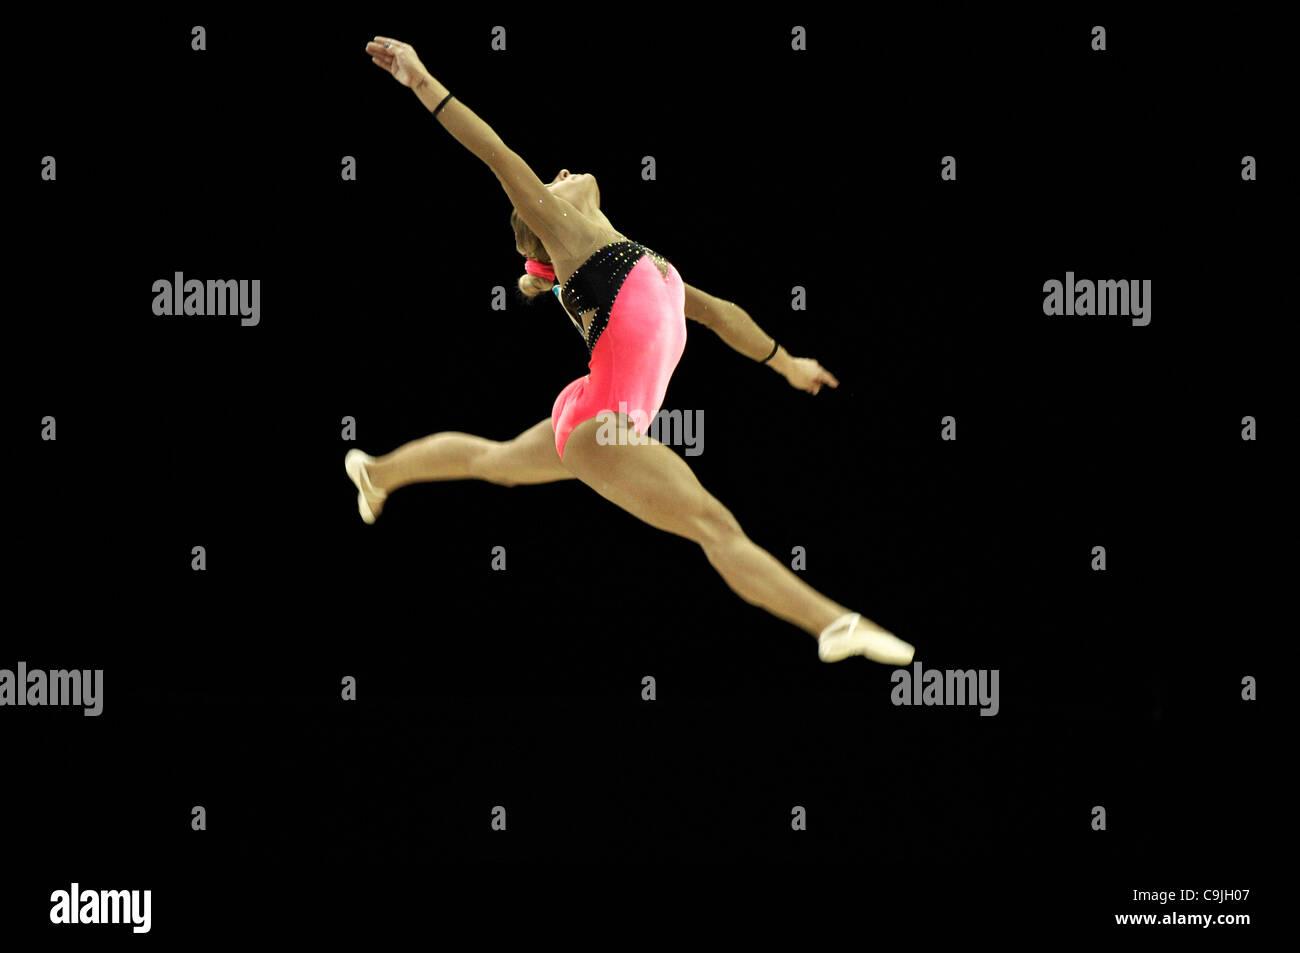 13.01.2012 Londres prépare la gymnastique olympique série événement de test North Greenwich Photo Stock